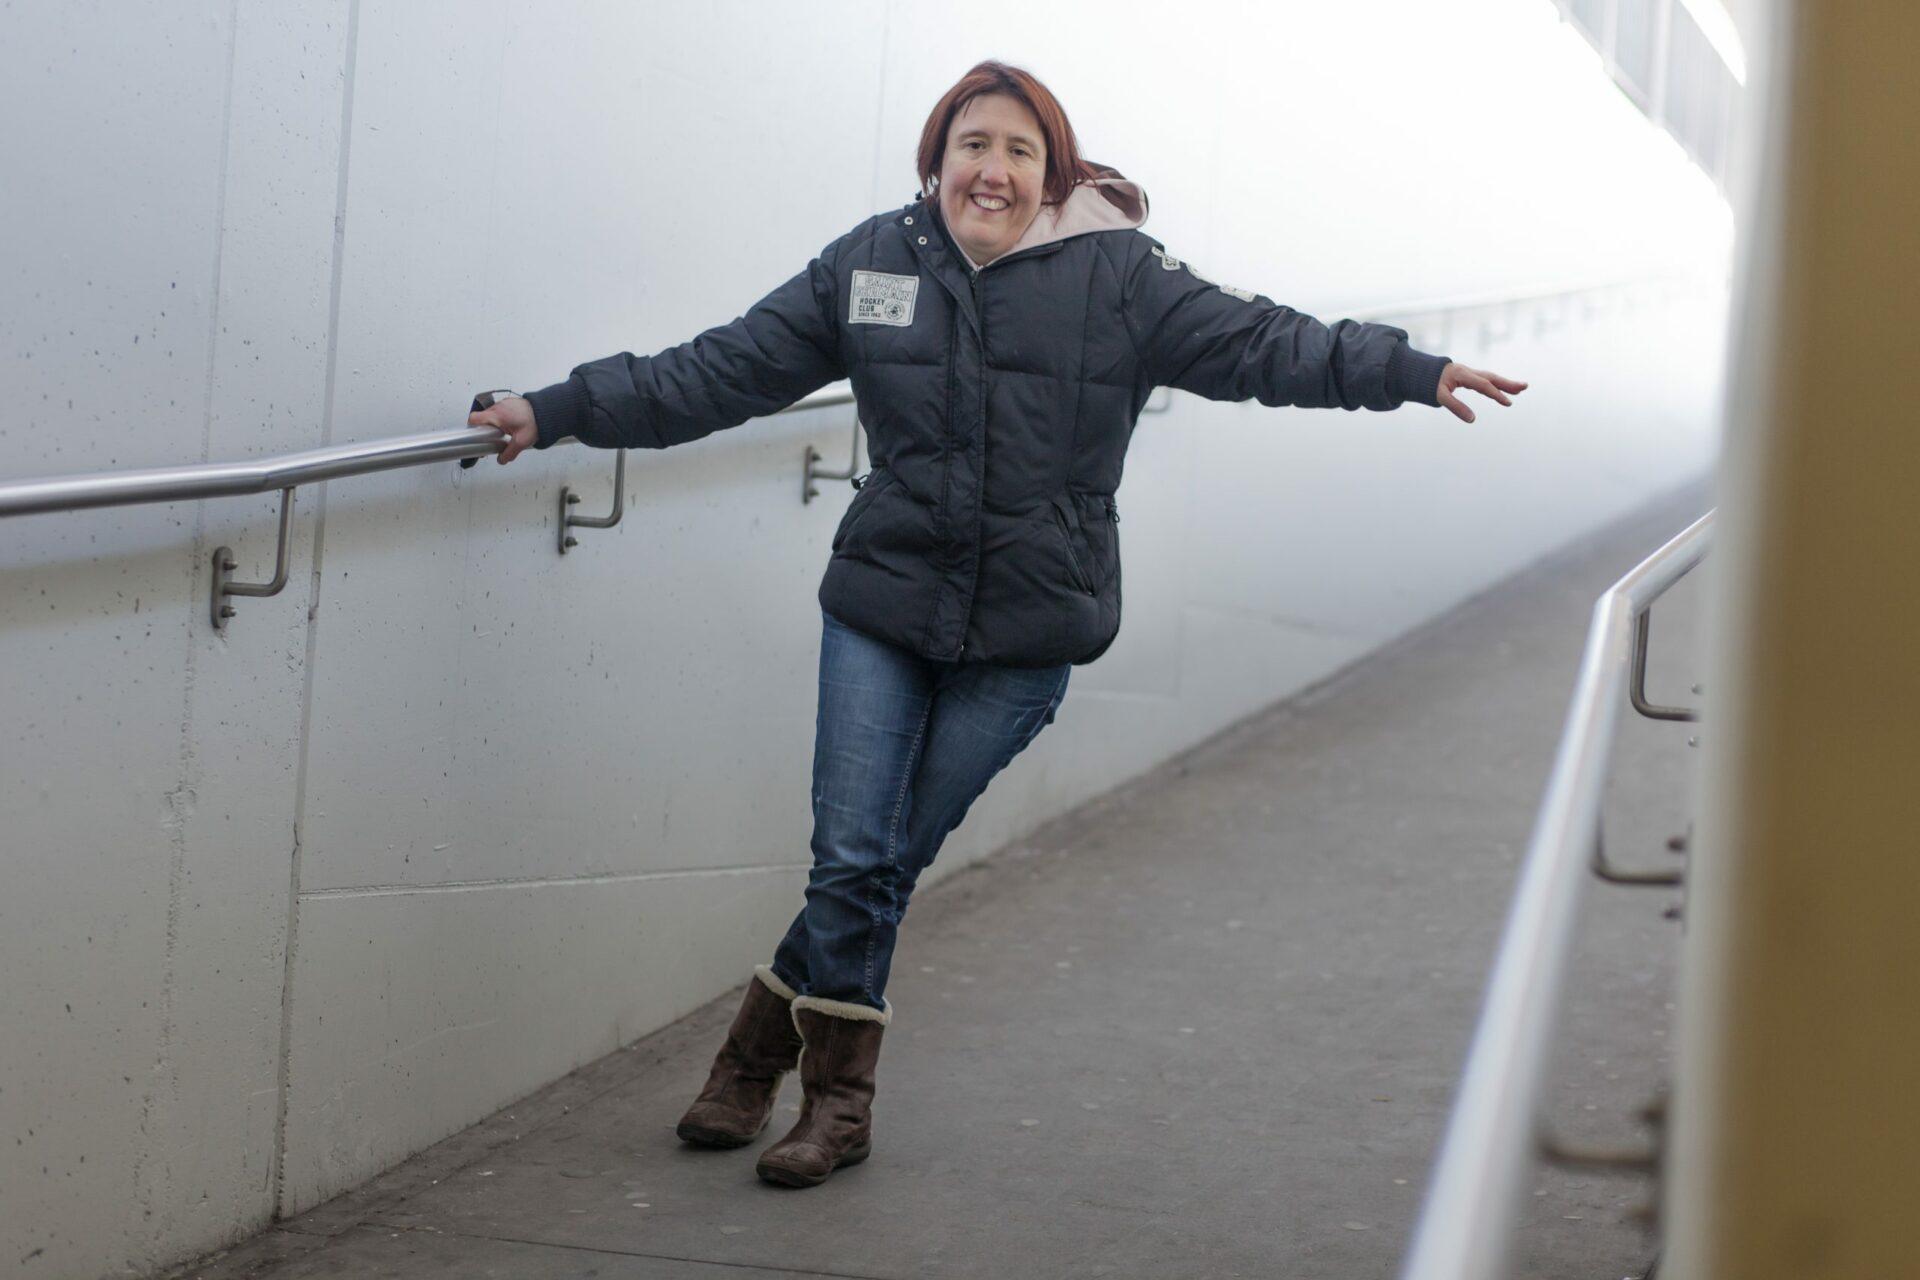 Une femme se tient à une rampe et sourit.